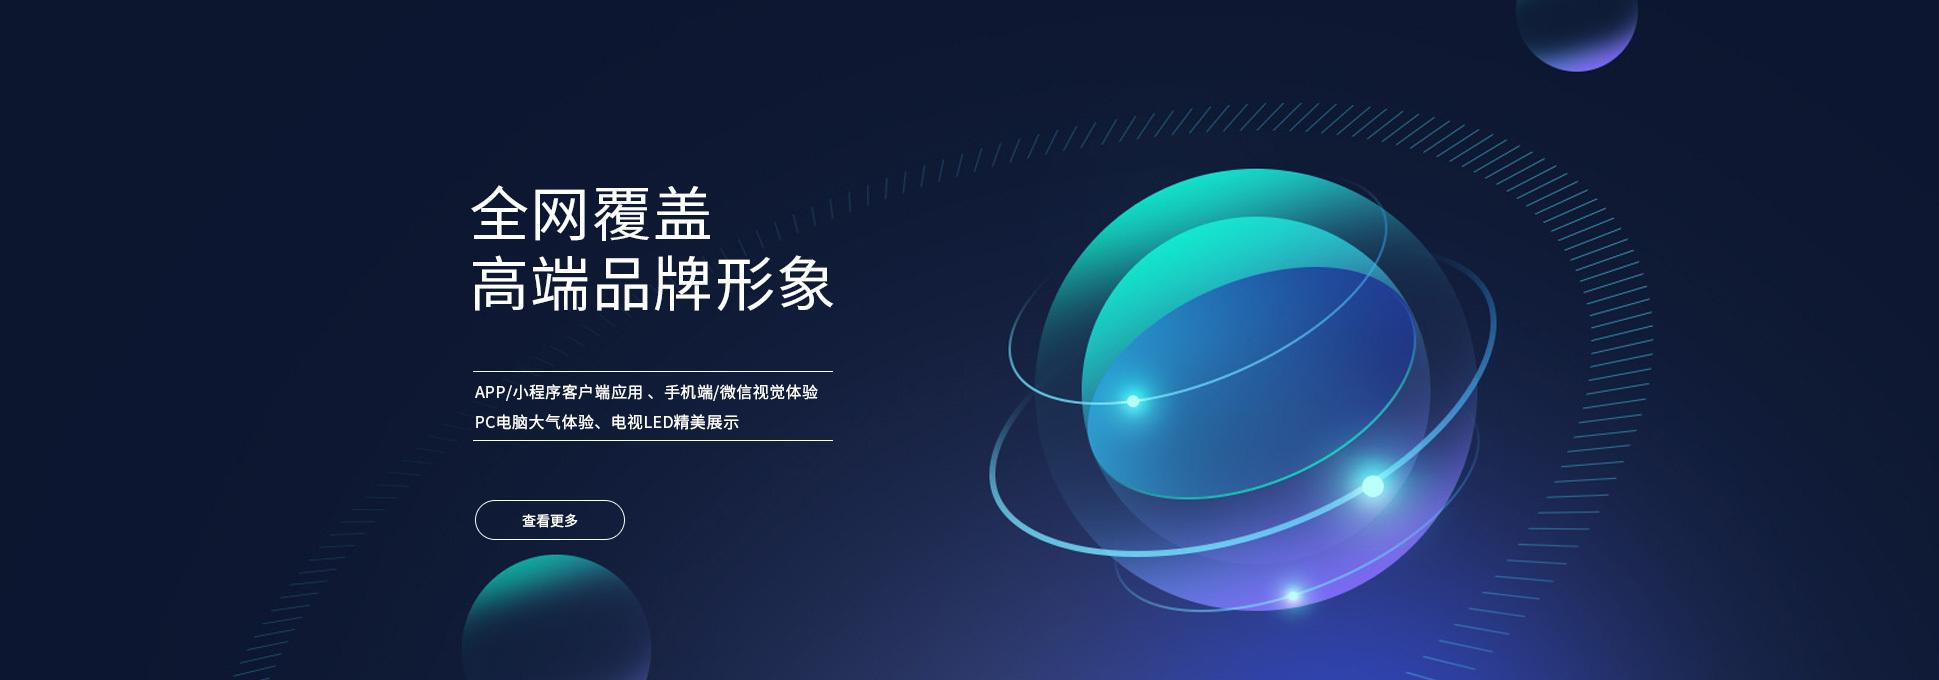 营销型亚美am8客户端苹果版下载建设